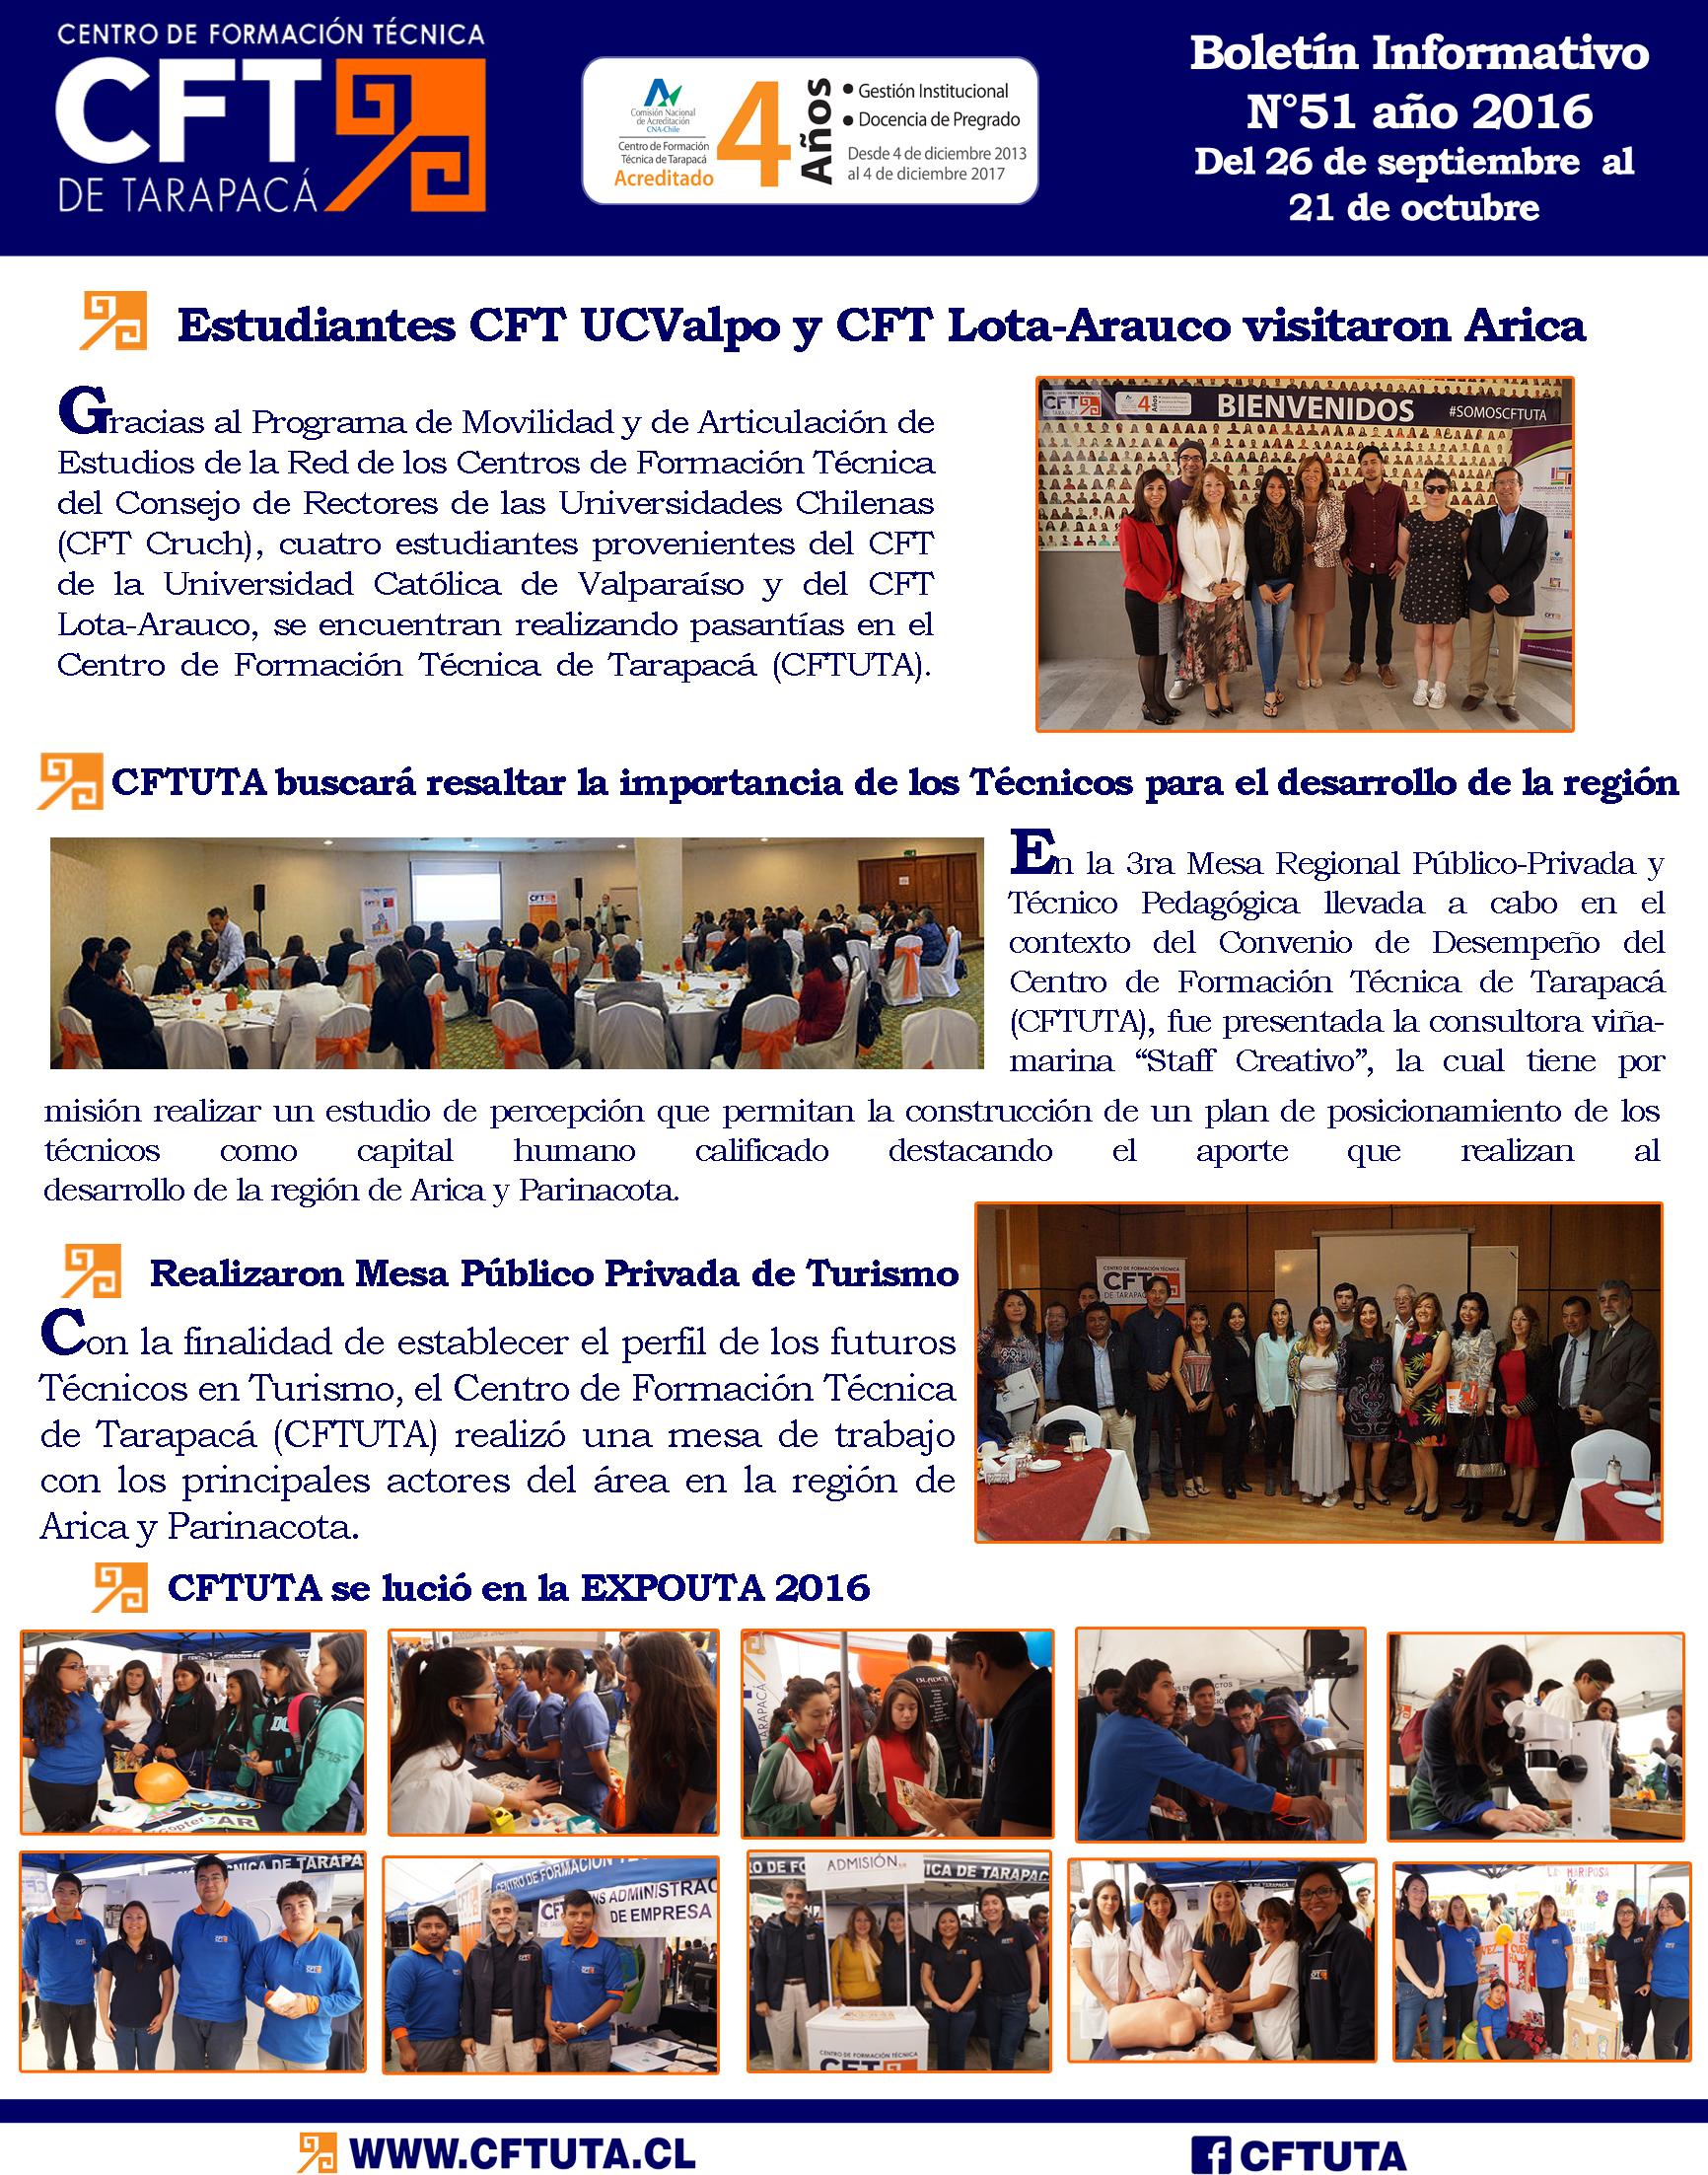 Boletín N°52 CFT de Tarapacá